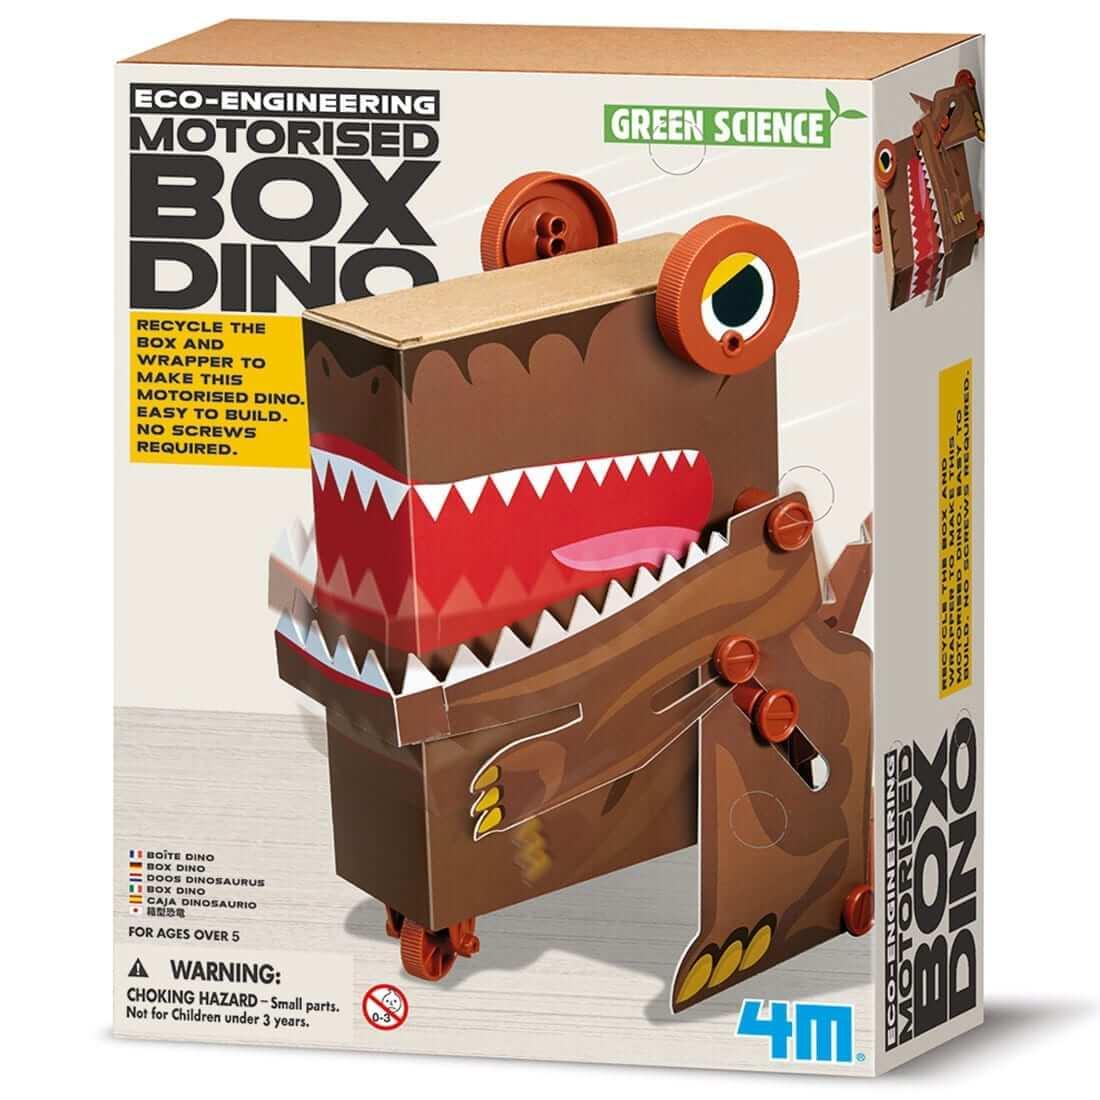 ערכת יצירה אקולוגית לילדים – רובוט דינוזאור קופסא